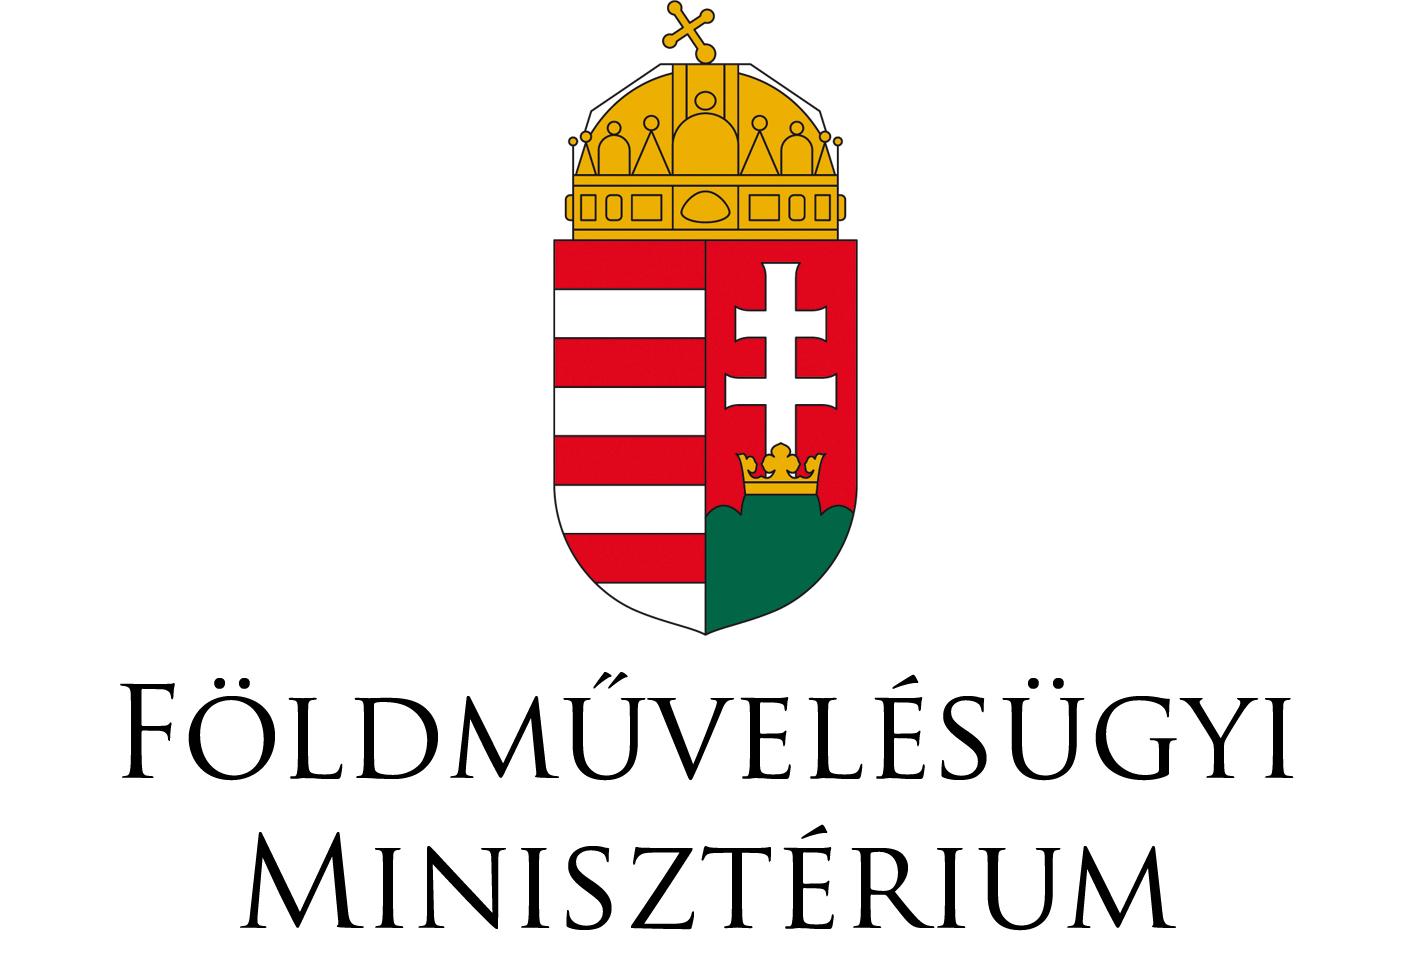 Földművelésügyi Minisztérium embléma